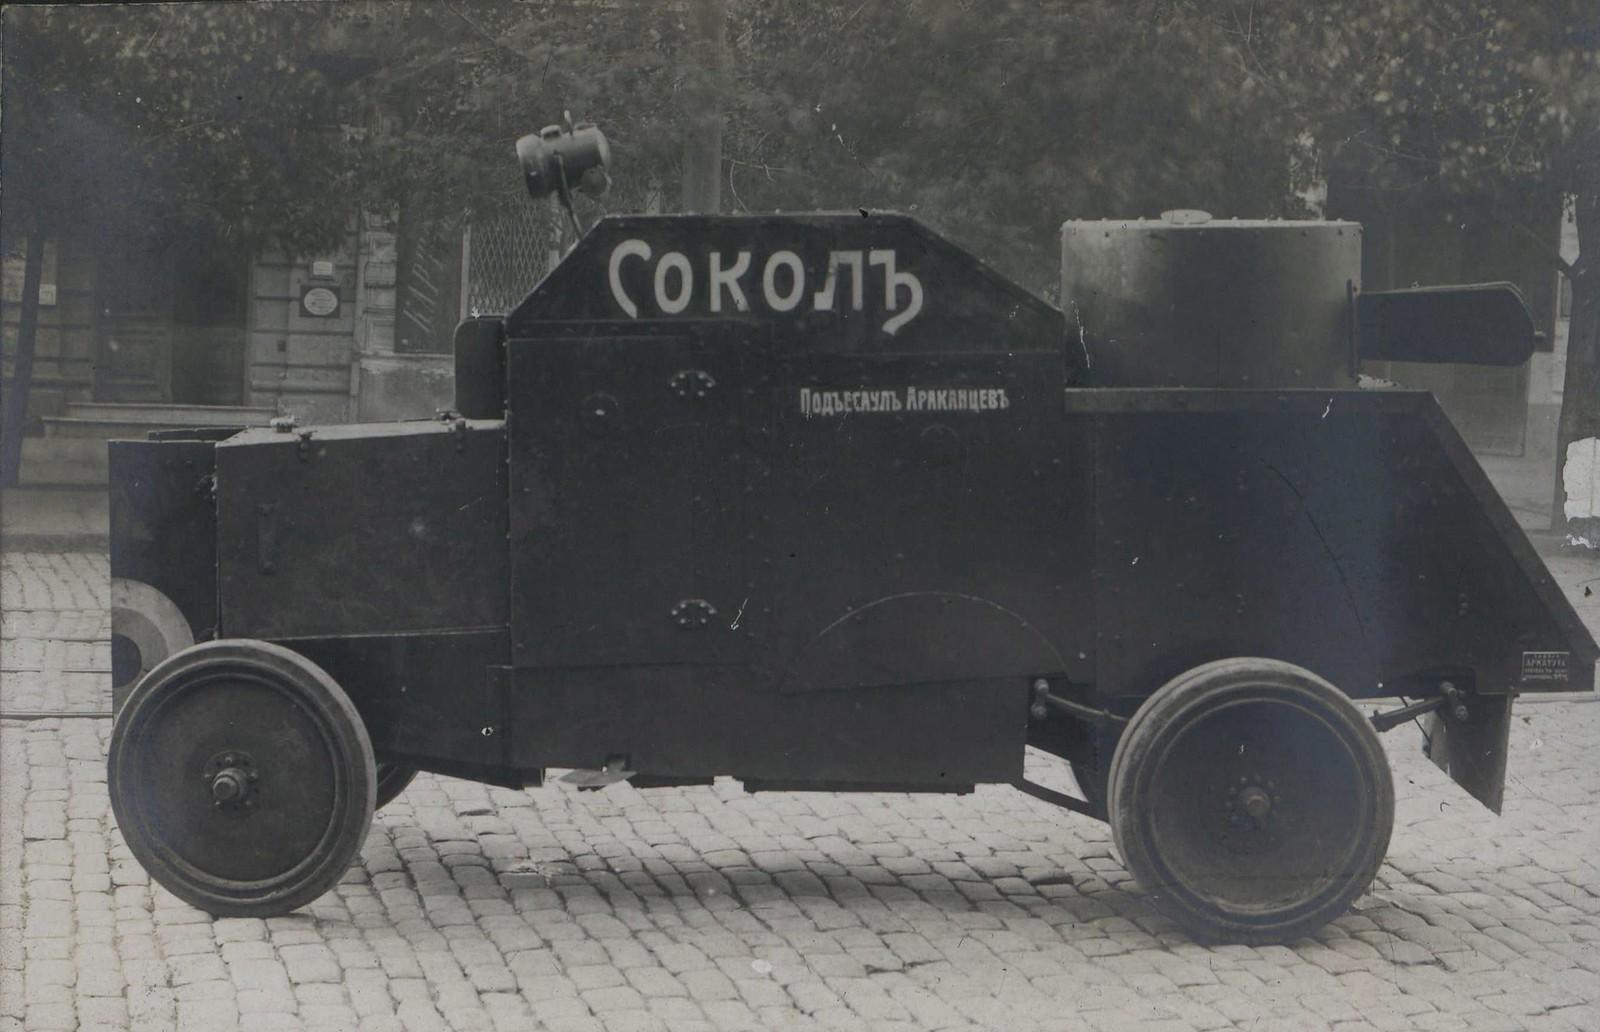 345. 1919. Бронеавтомобиль Донской армии «Сокол»